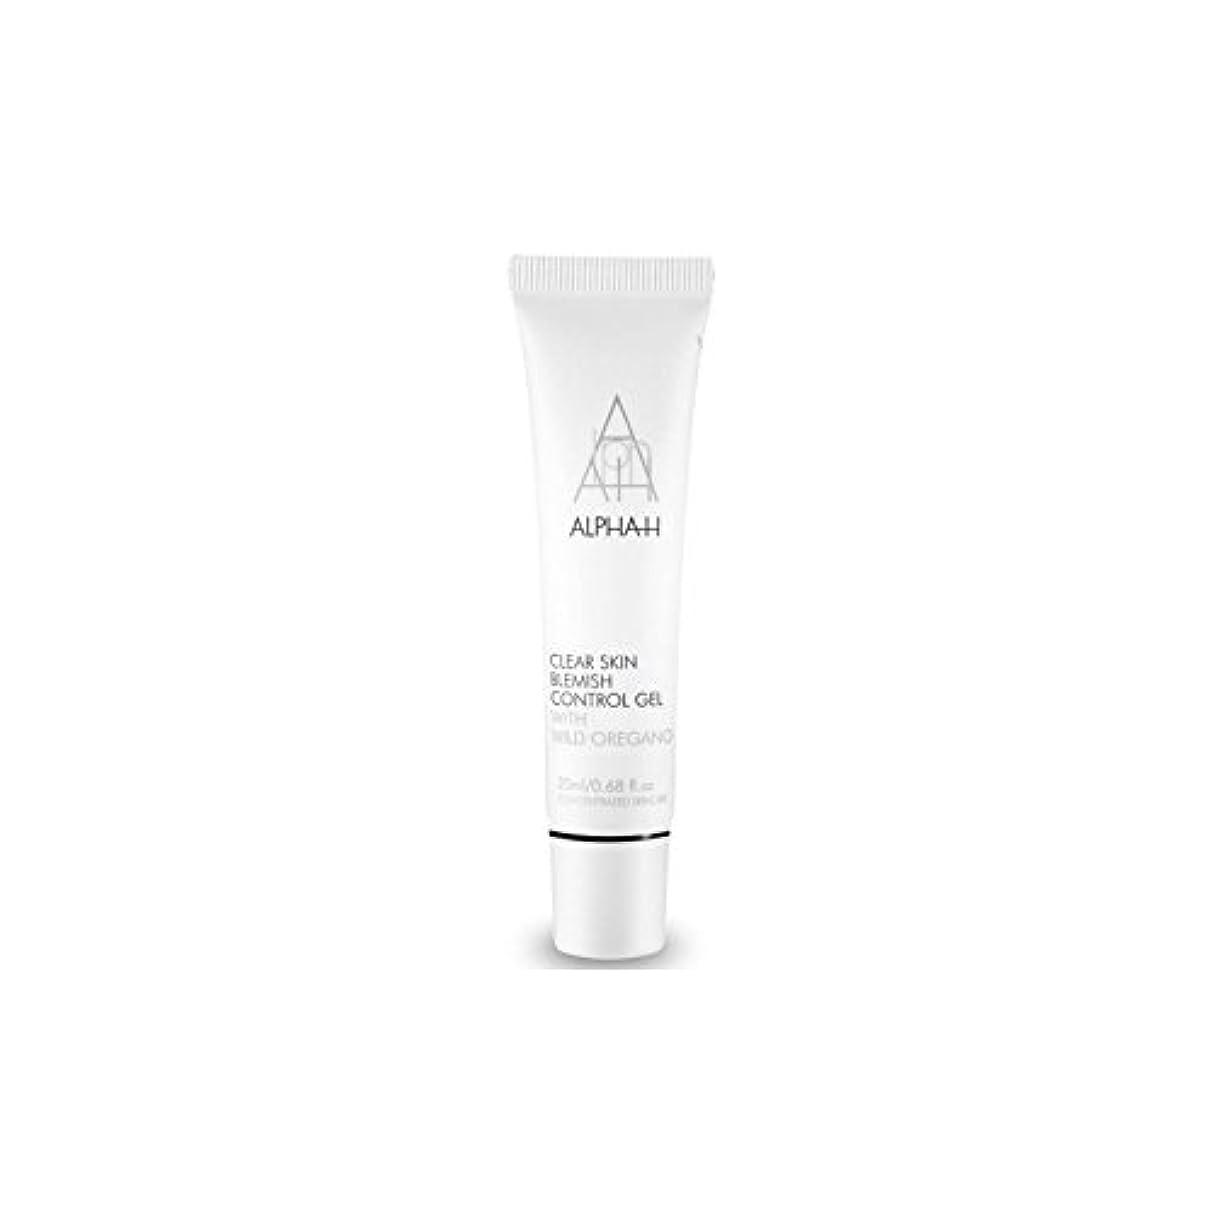 折る恨み攻撃的Alpha-H Clear Skin Blemish Control Gel (20ml) - アルファクリア皮膚傷制御ゲル(20)中 [並行輸入品]